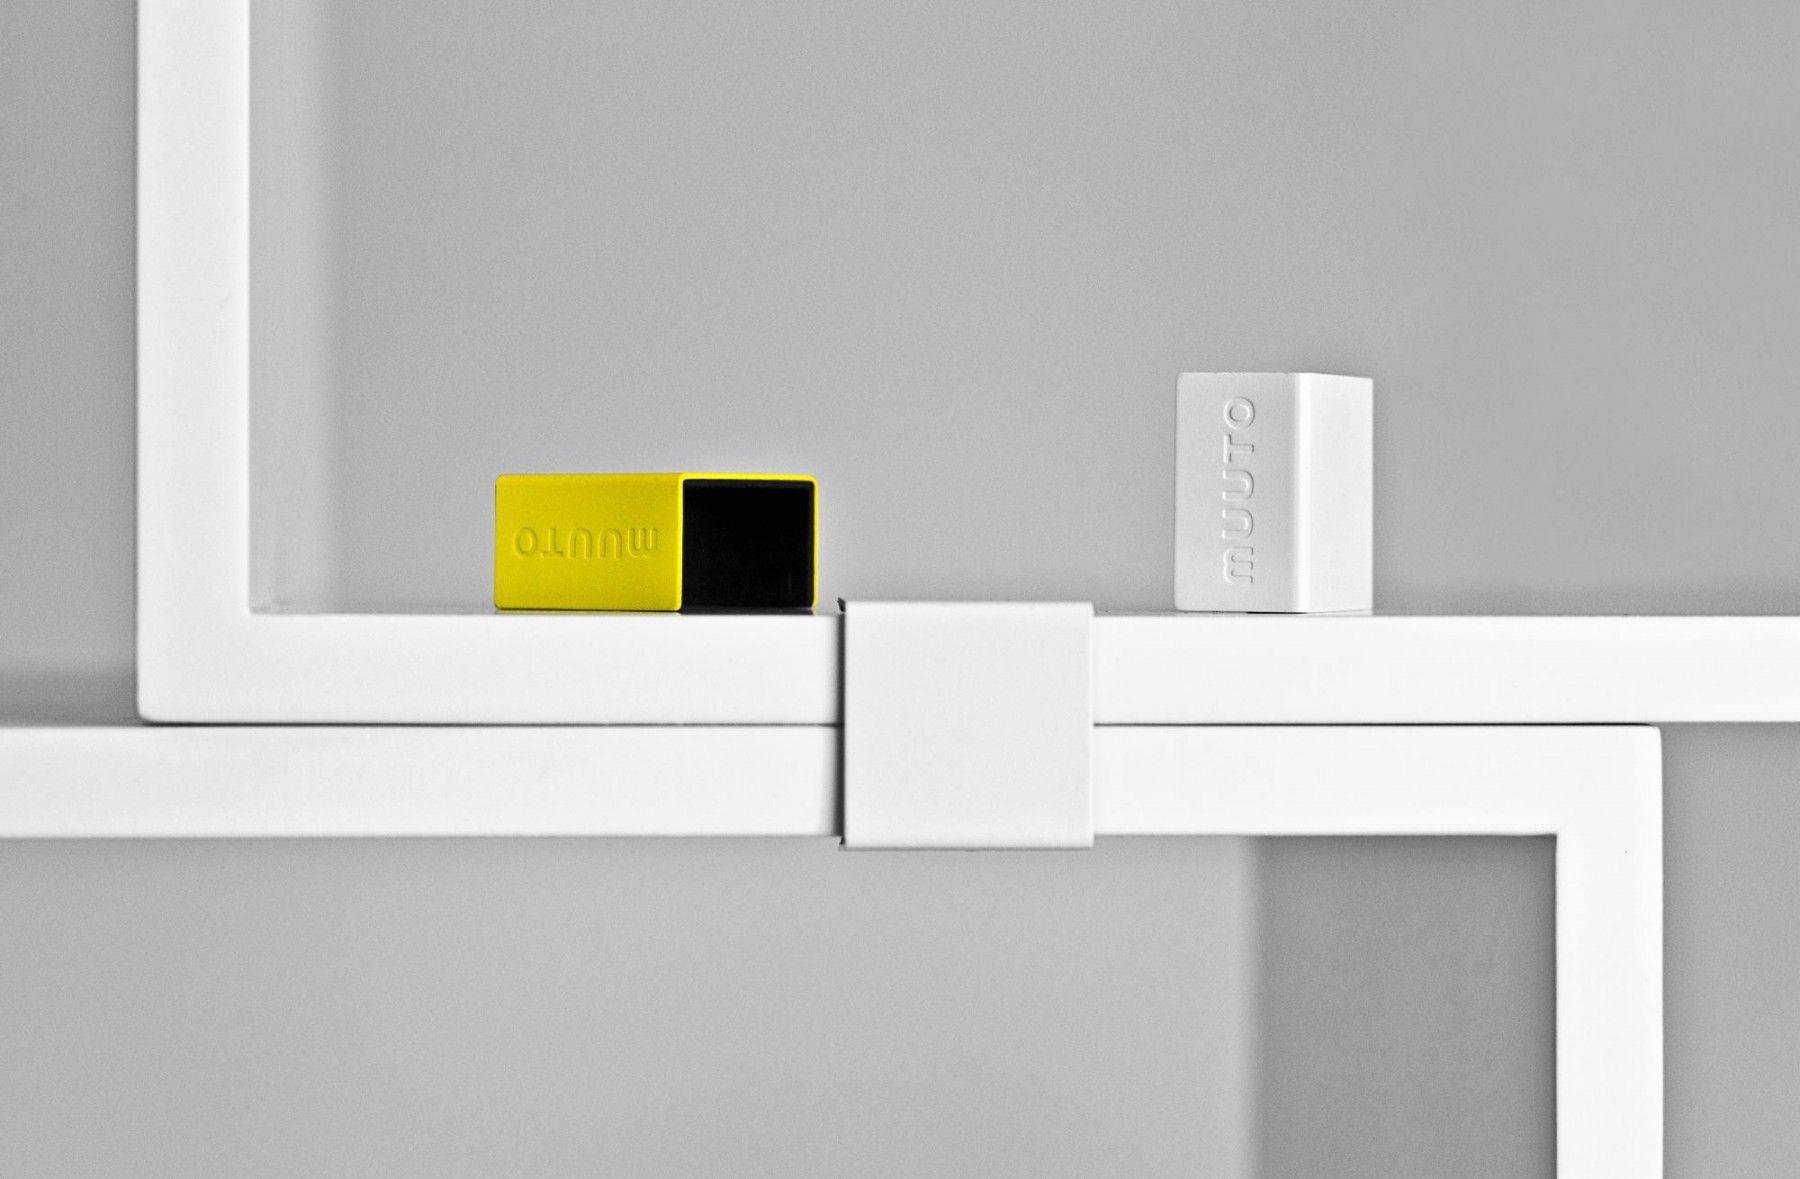 Stacked Shelf System Regal mit Rückwand Muuto designed by JDS Architects ab 119,00€. Bestpreis-Garantie ✓ Versandkostenfrei ✓ 28 Tage Rückgabe ✓ 3% Rabatt bei Vorkasse ✓